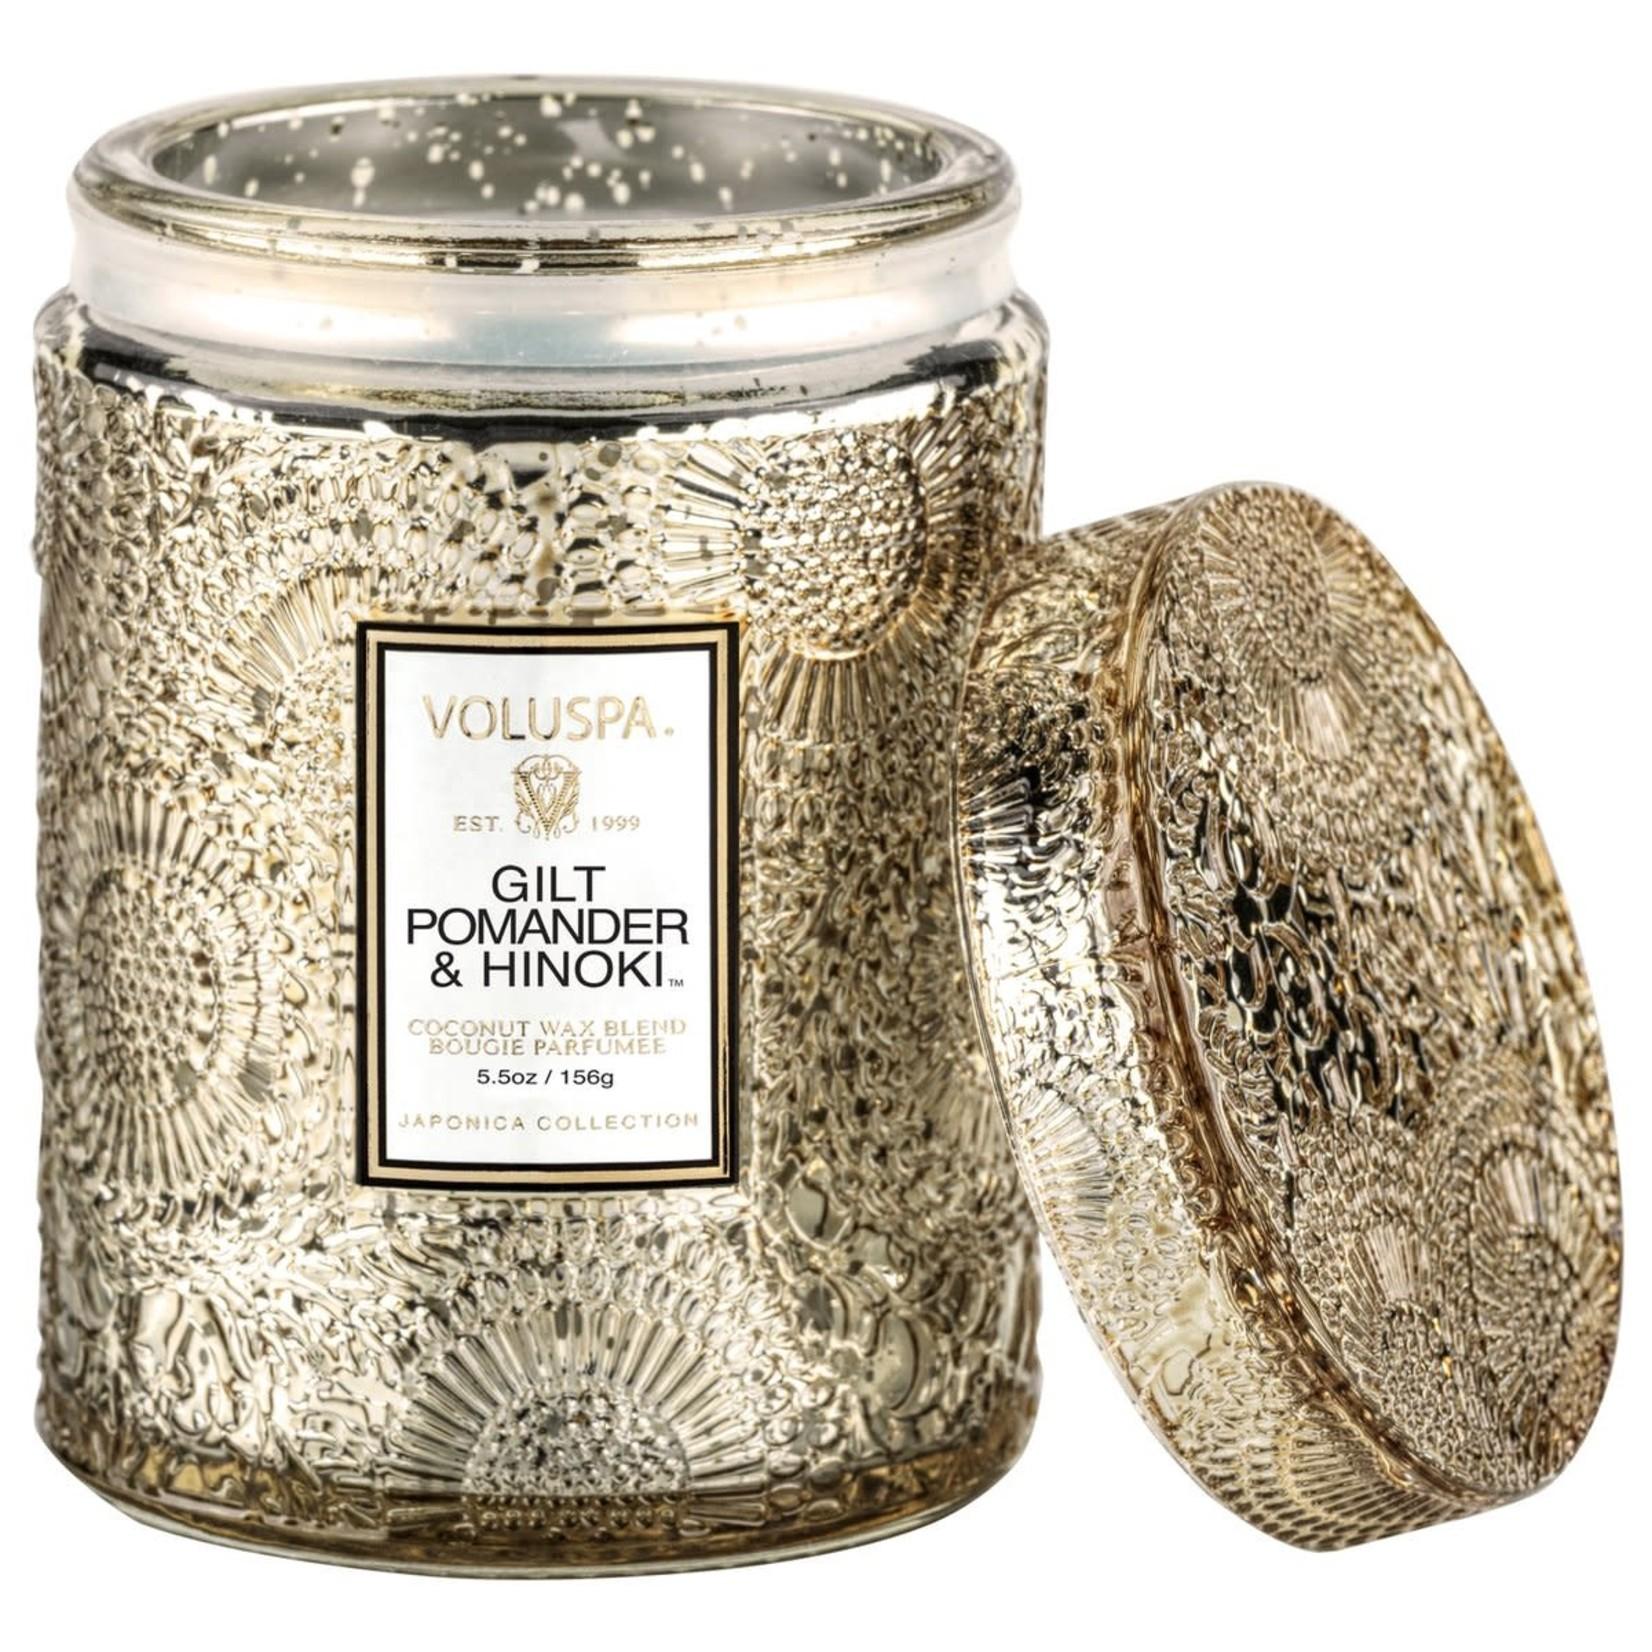 Voluspa Gilt Pomander Hinoki Mini Jar Candle w/ Glass Lid